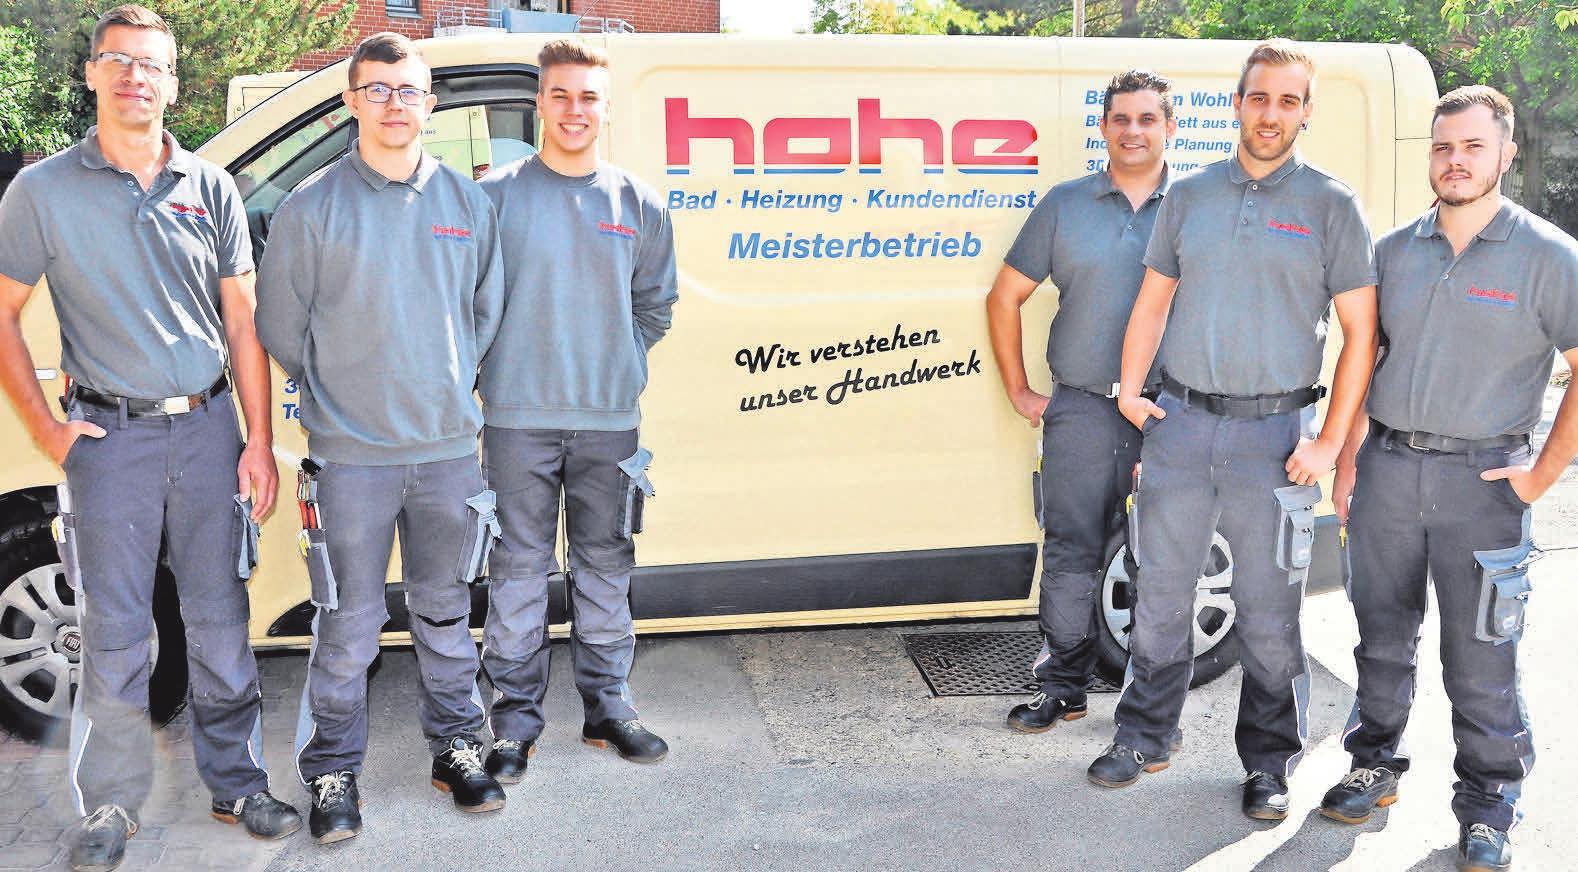 Das Team von Dieter Hohe, Fachmann für barrierefreie Bäder, ist sehr gut ausgebildet und kompetent.